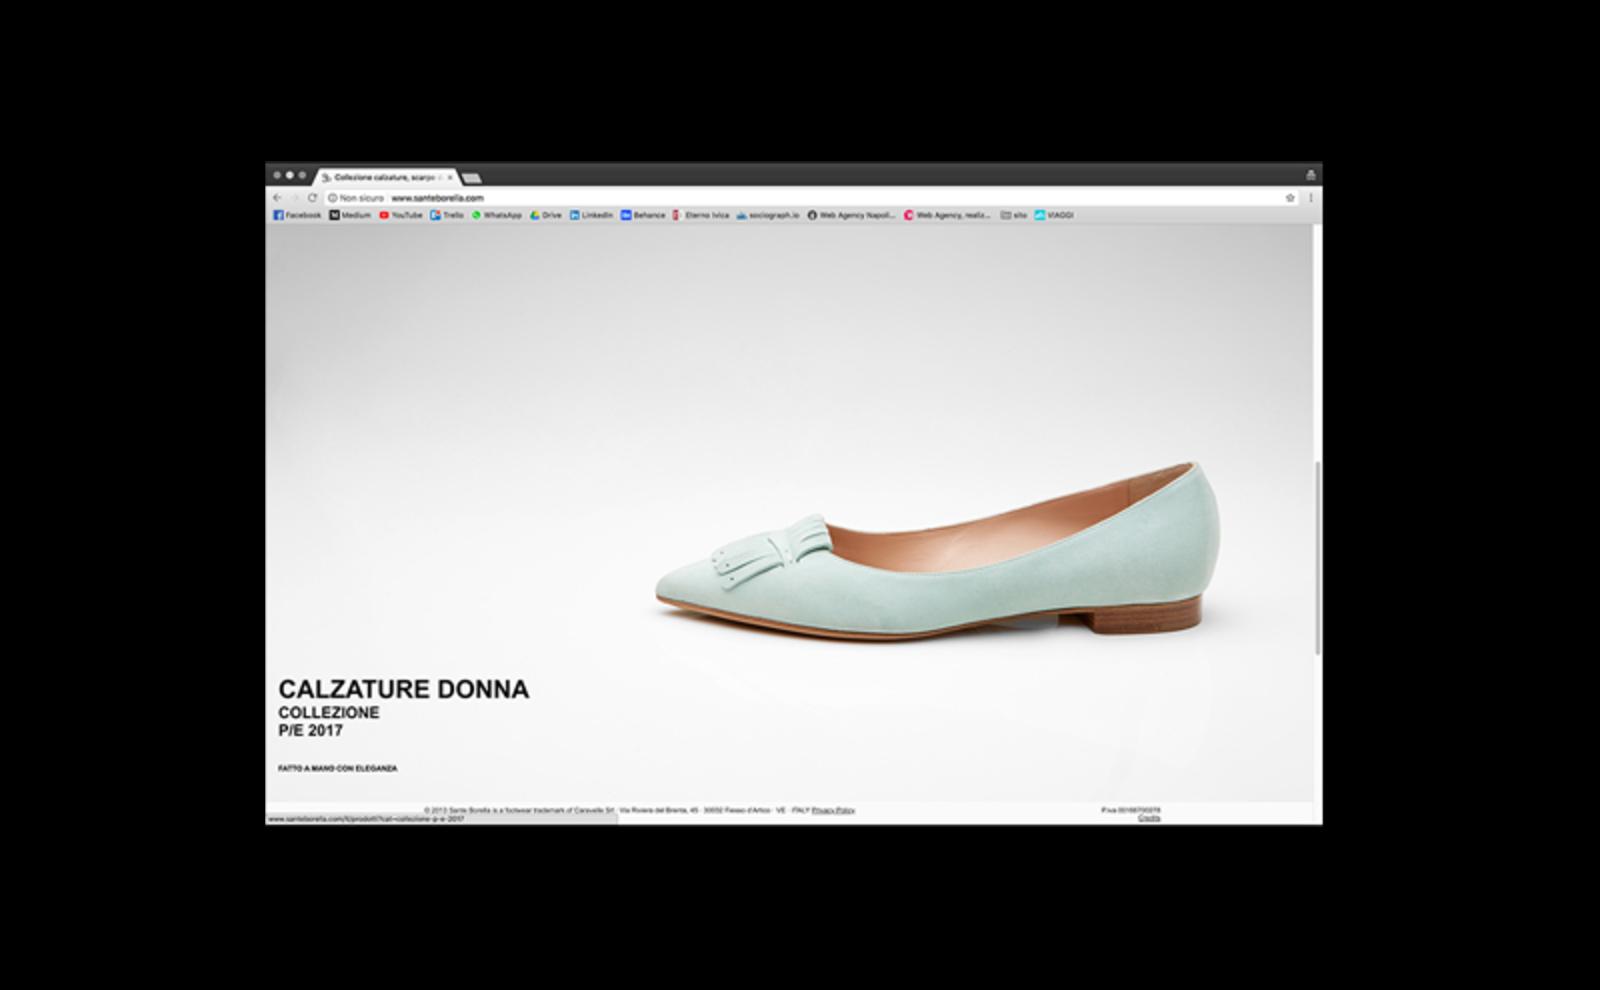 esempio di foto di calzatura Sante Borella inserita in una della pagine del sito web